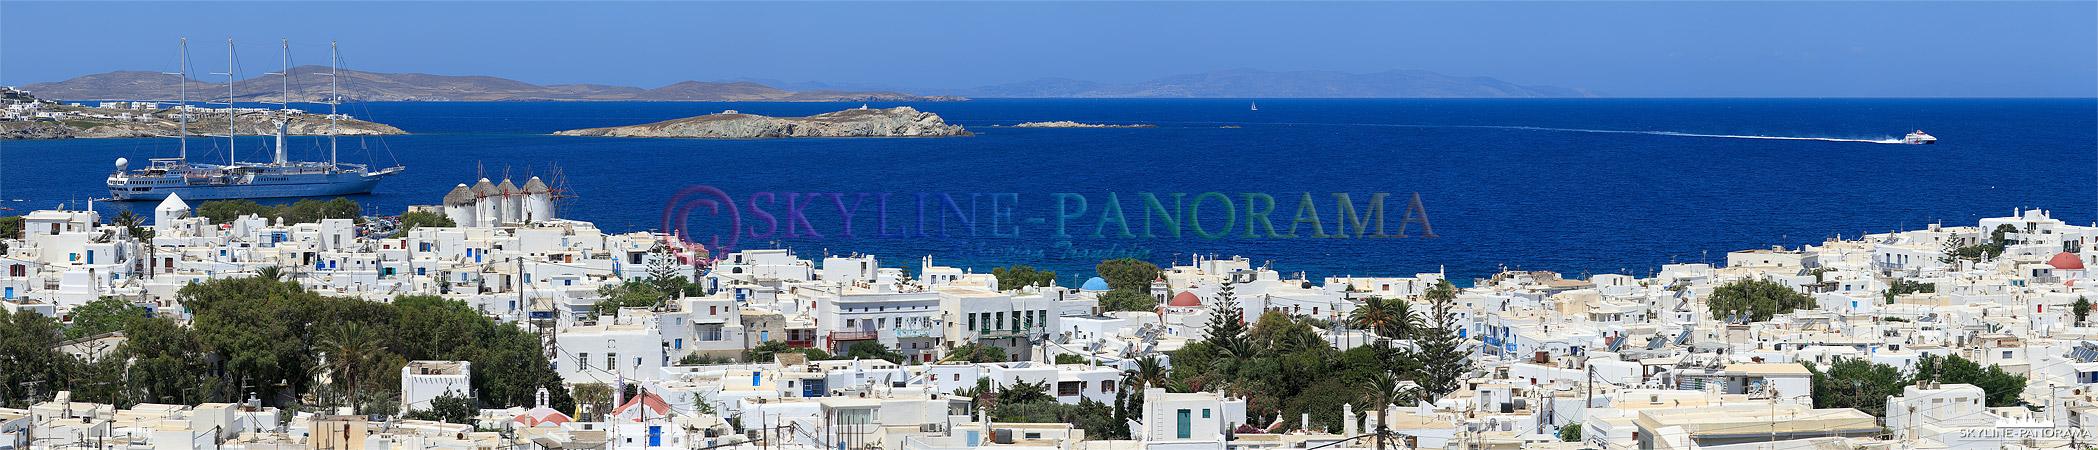 Bilder Griechenland - In Mykonos Stadt sind die typischen Häuser im Kykladenstil malerisch entlang der Bucht an der Westküste gelegen.